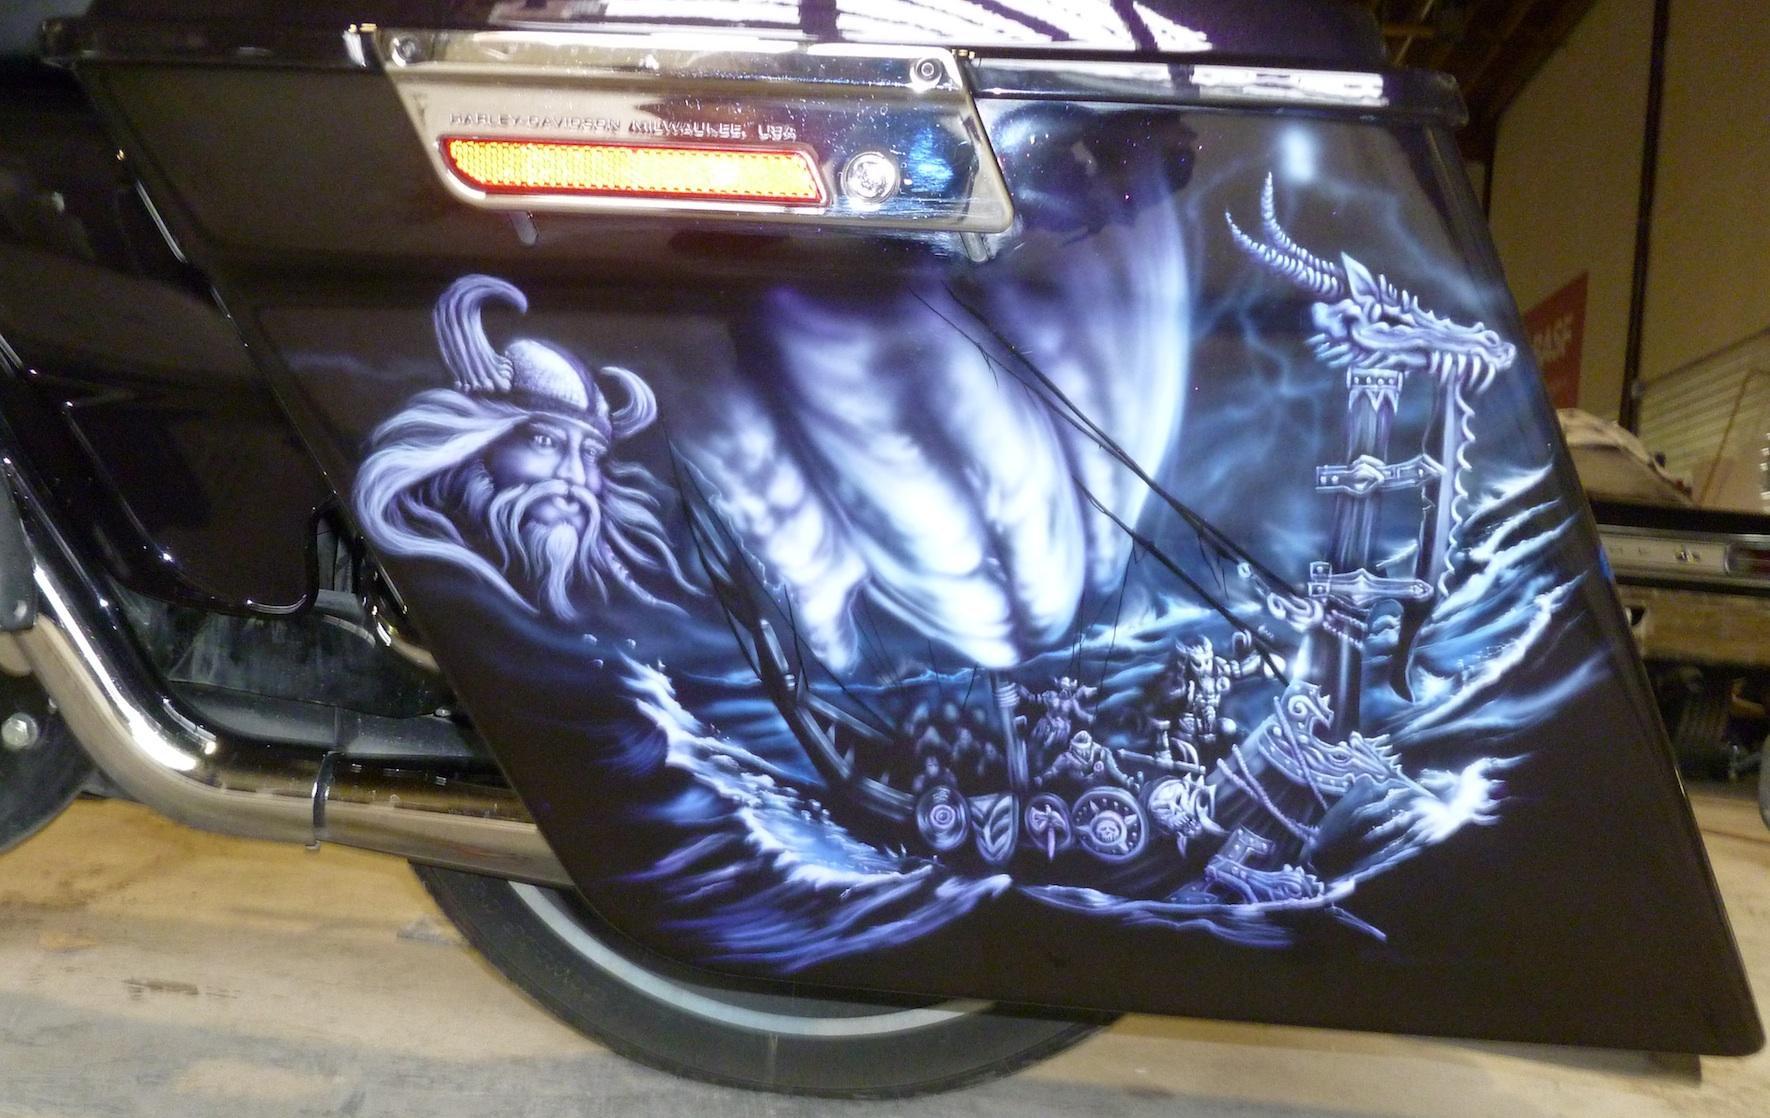 lt-viking-saddle-bag